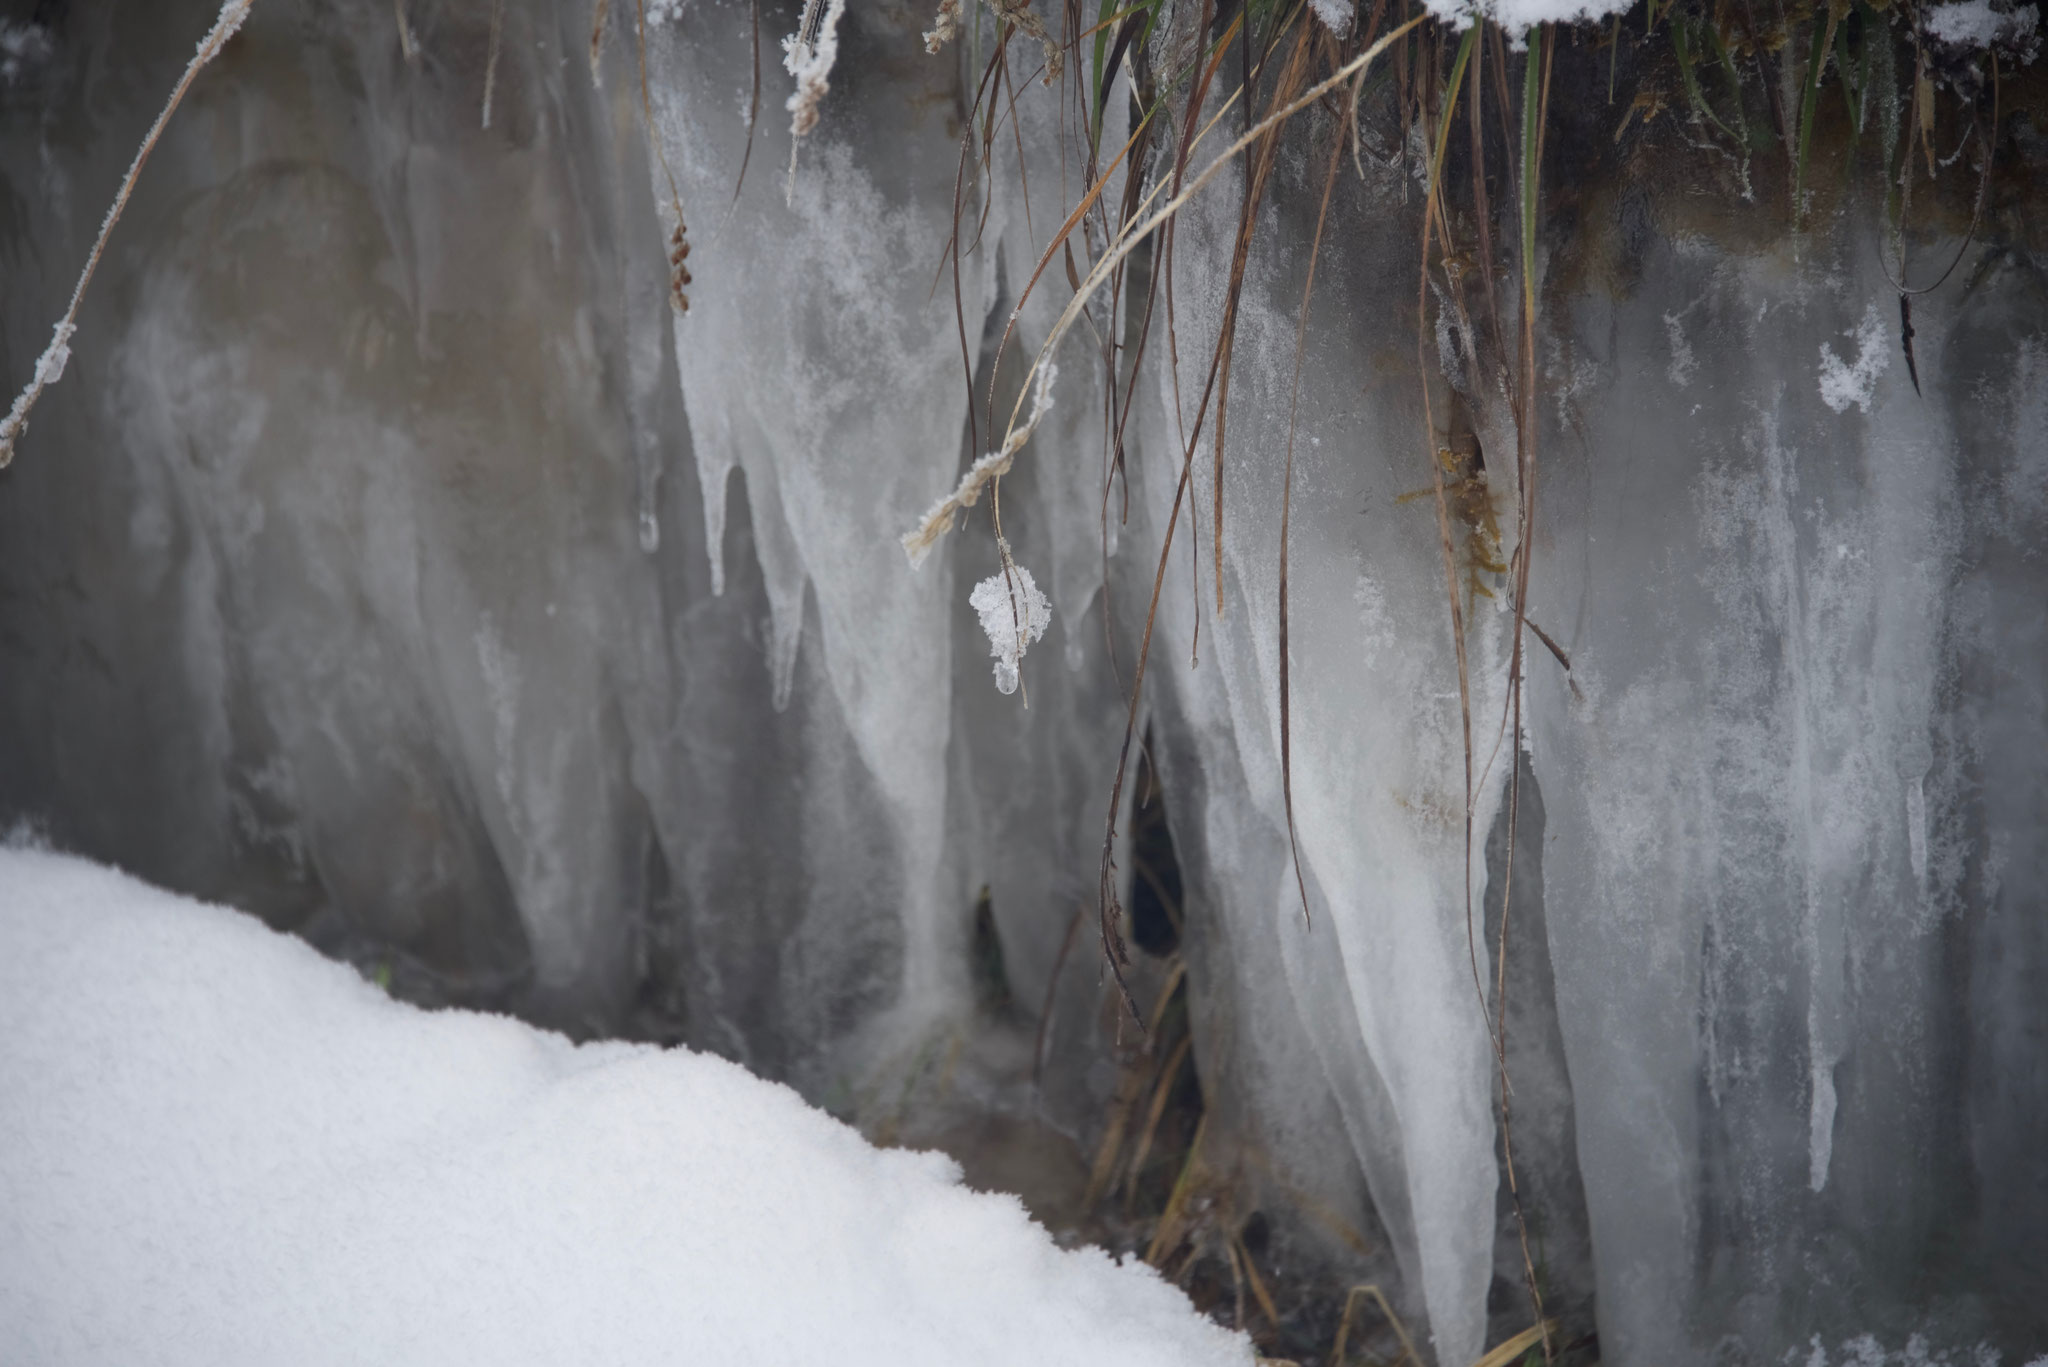 klirrende Kälte 2